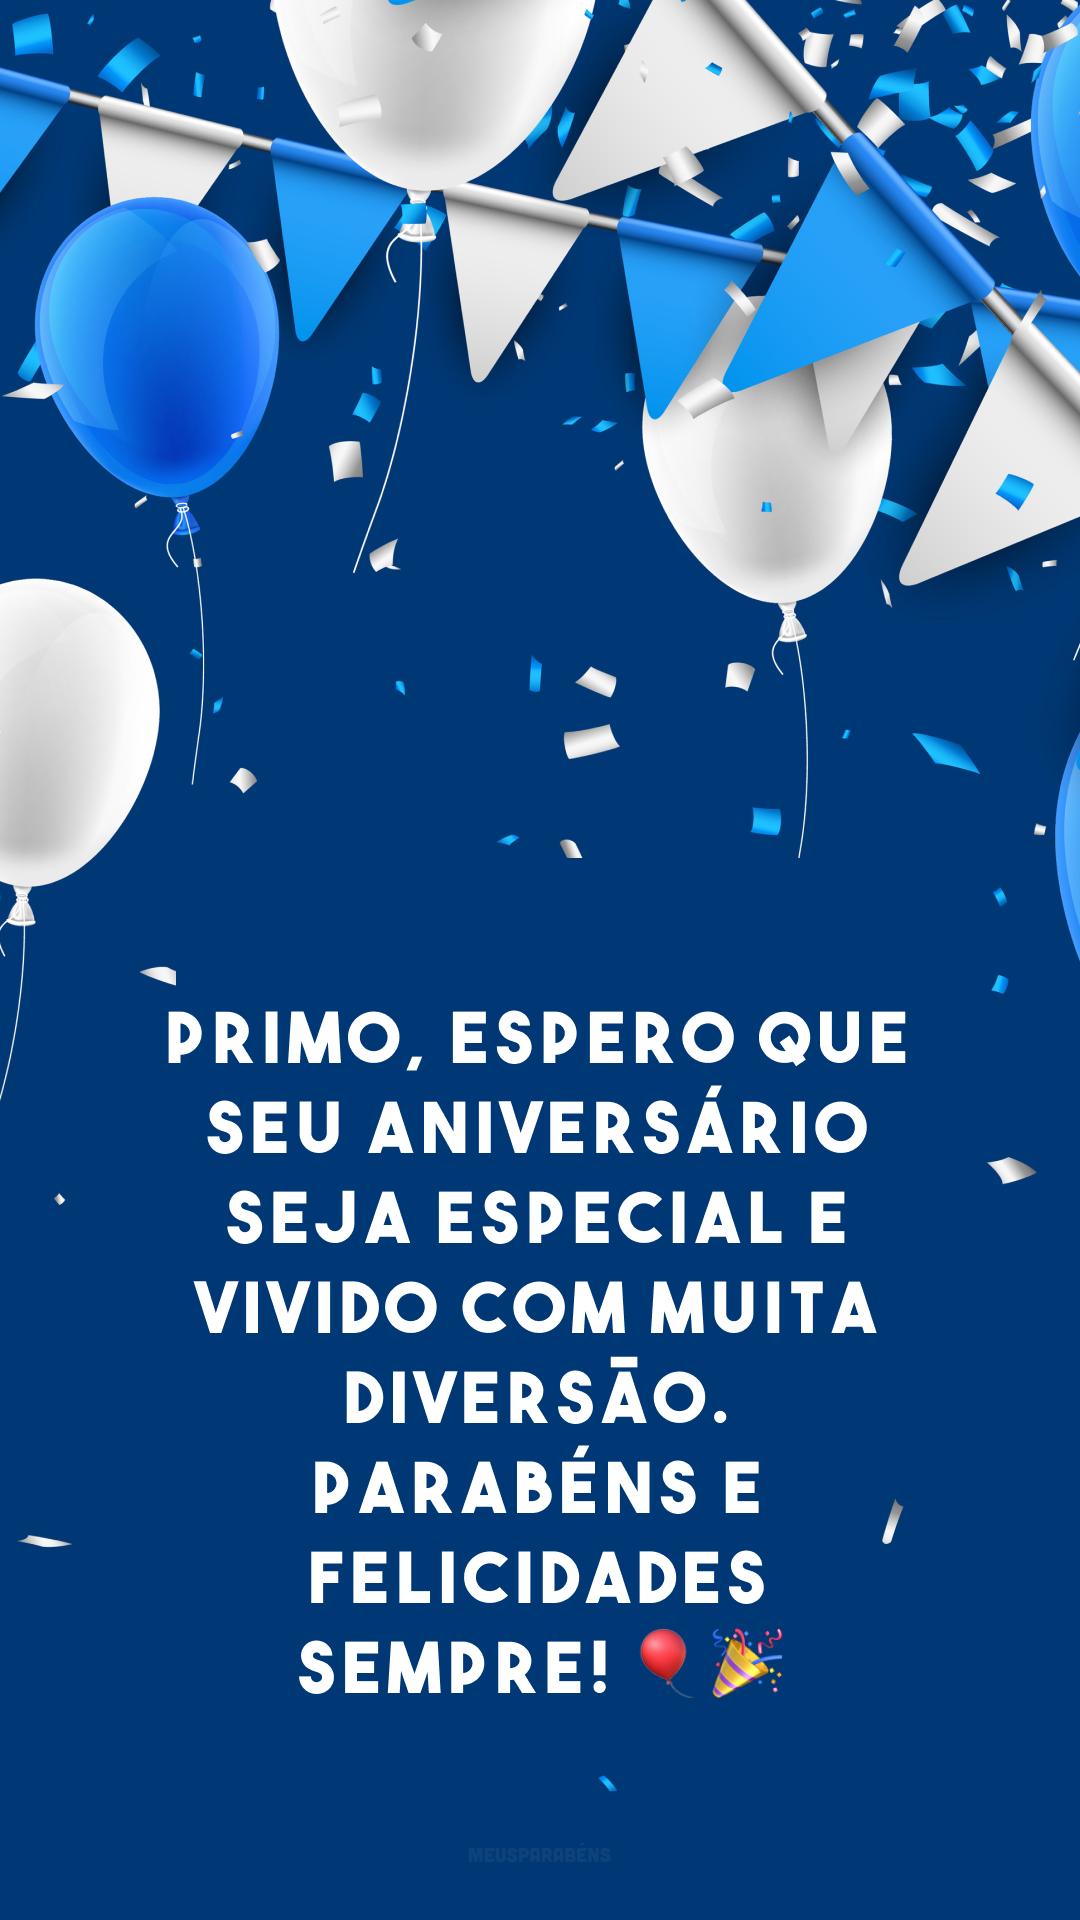 Primo, espero que seu aniversário seja especial e vivido com muita diversão. Parabéns e felicidades sempre! 🎈🎉